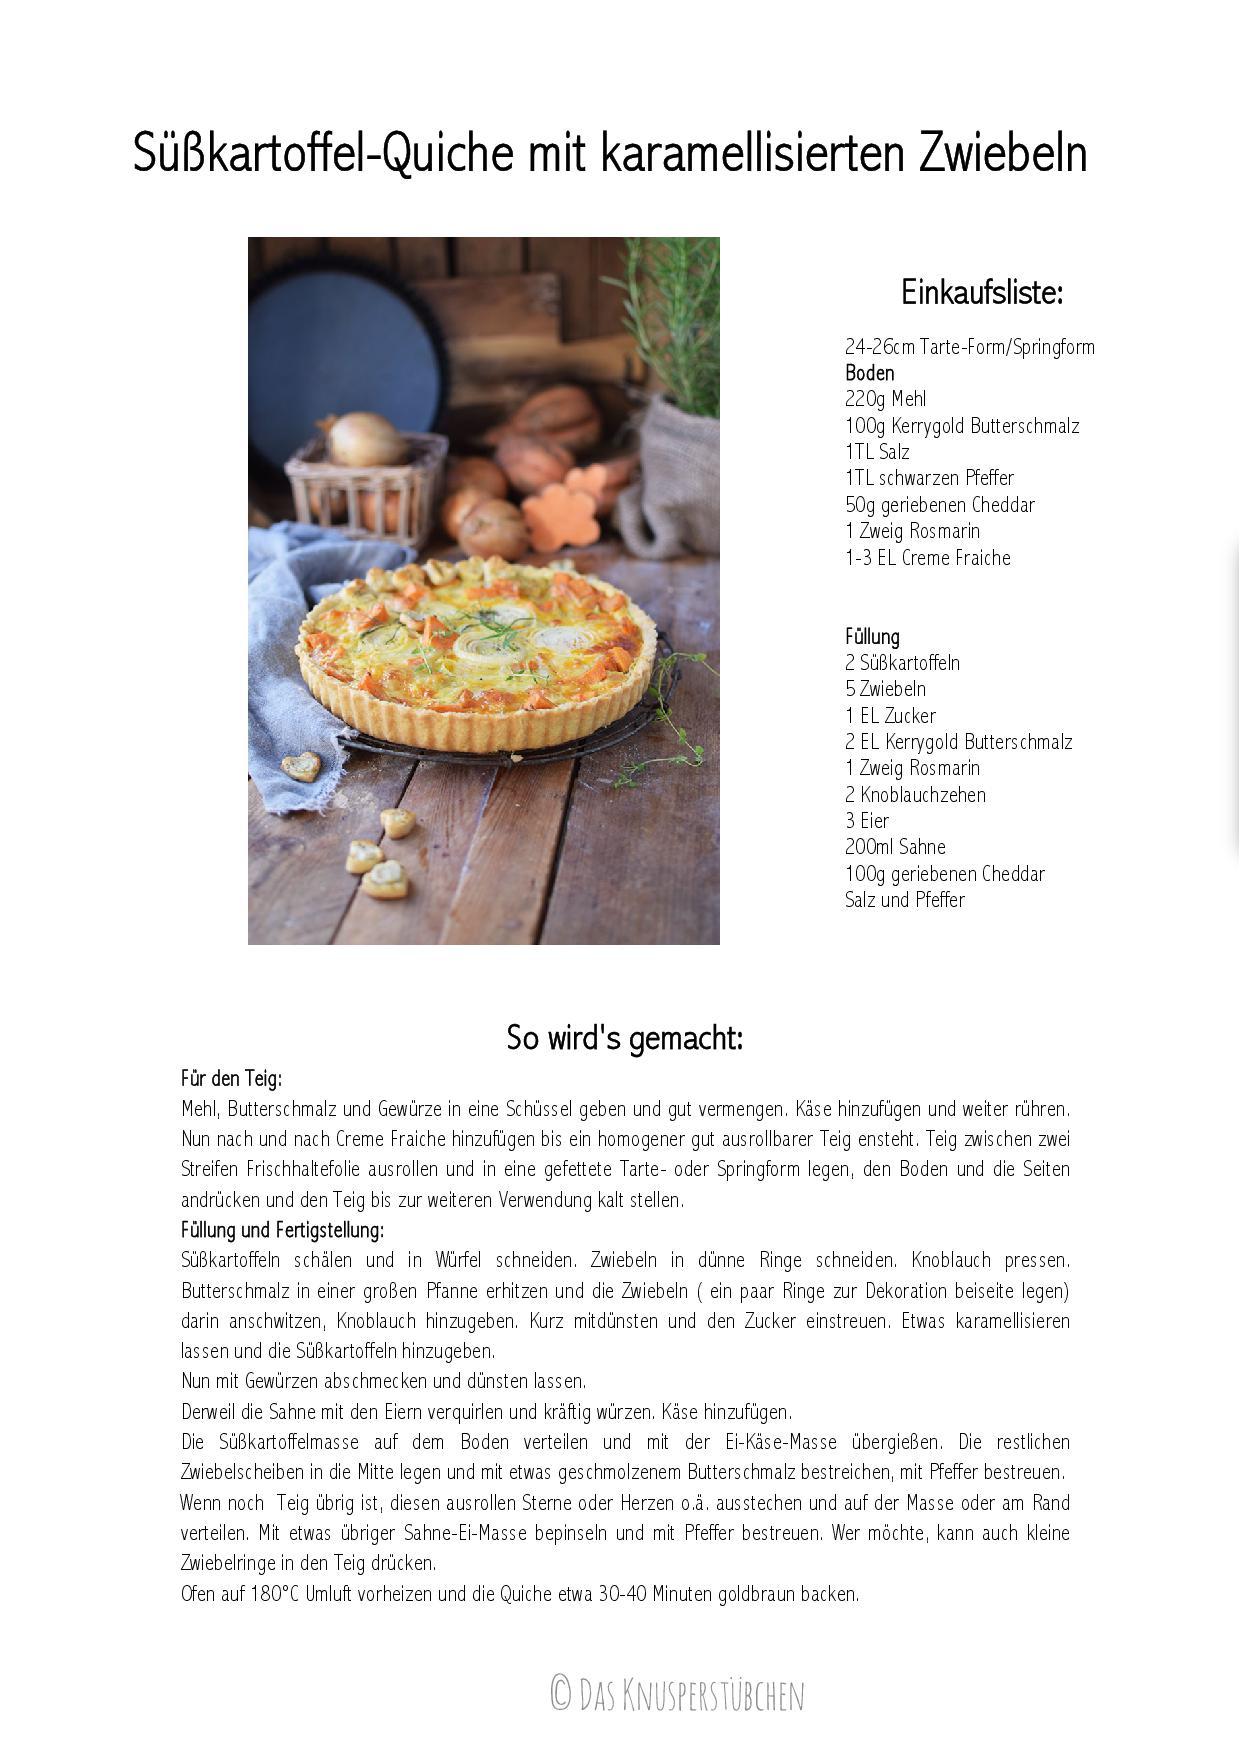 suesskartoffel-quiche-mit-karamellisierten-zwiebeln-001